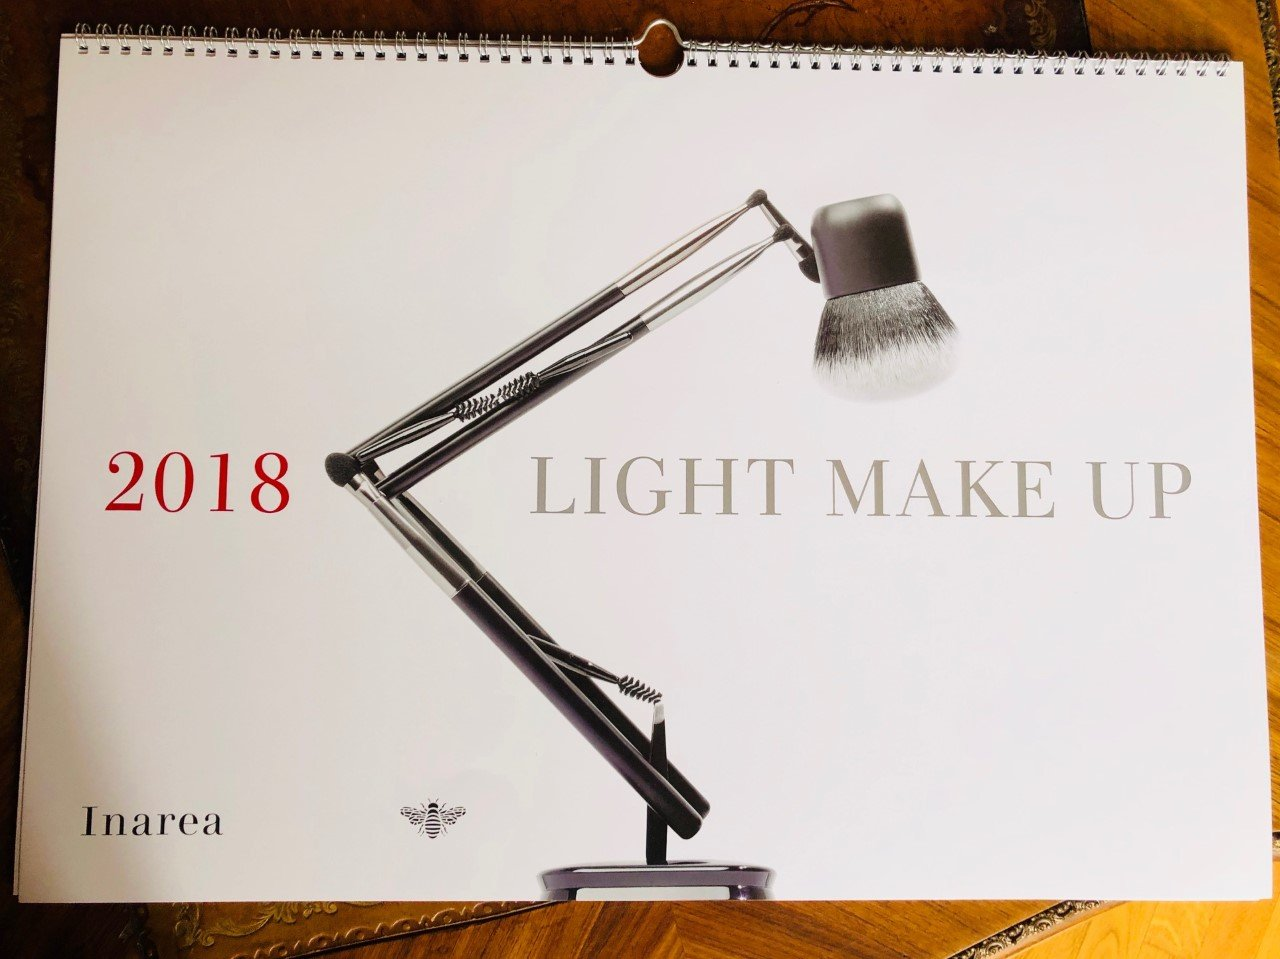 Il calendario Inarea 2018